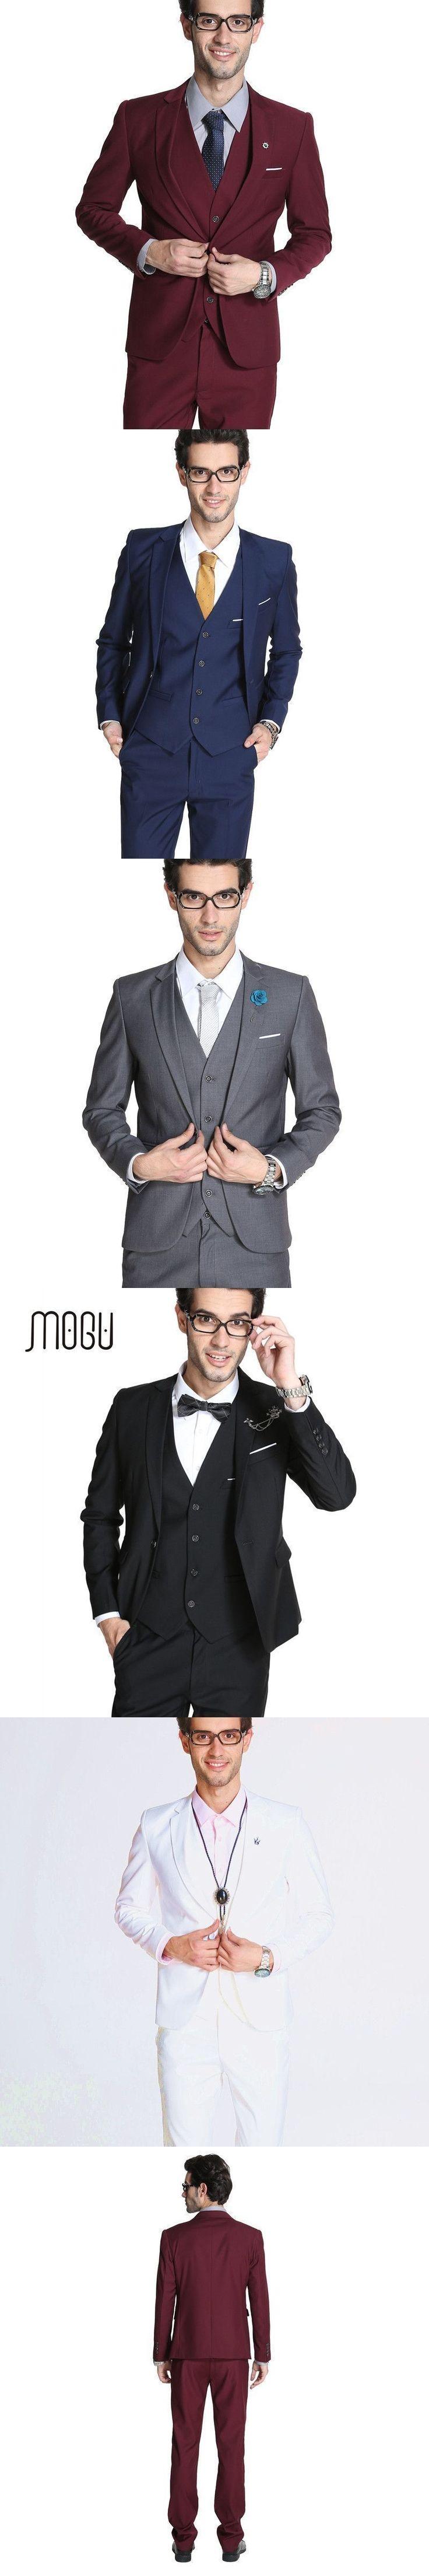 MOGU 2017 New Arrival Mens Slim Fit Suit 3 Piece Mens Suits Wedding Groom (Blazer+Vest+Pants) Large Size Wedding Suits For Men #menweddingsuits #menssuitswedding #slimfitsuits